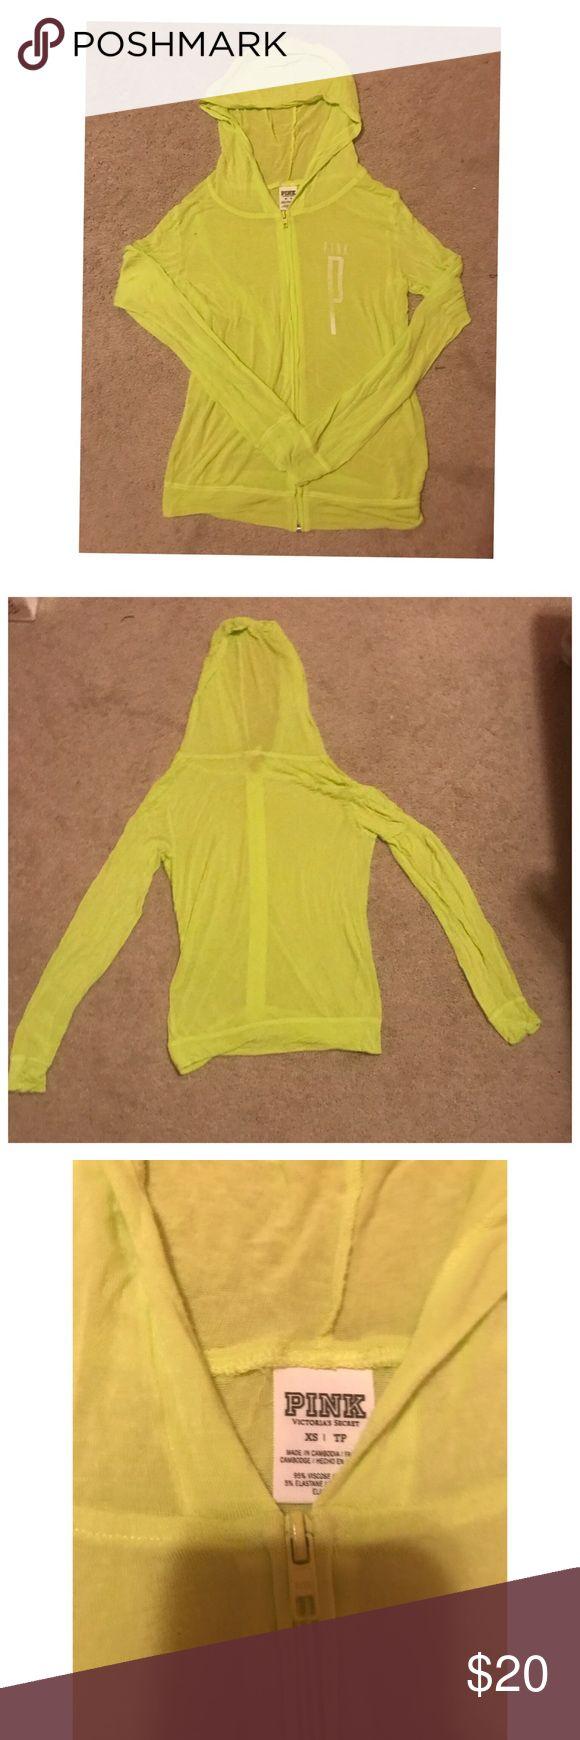 Neon green PINK zip up sweatshirt 💚 Size: XS Neon green zip up sweatshirt from PINK PINK Victoria's Secret Tops Sweatshirts & Hoodies